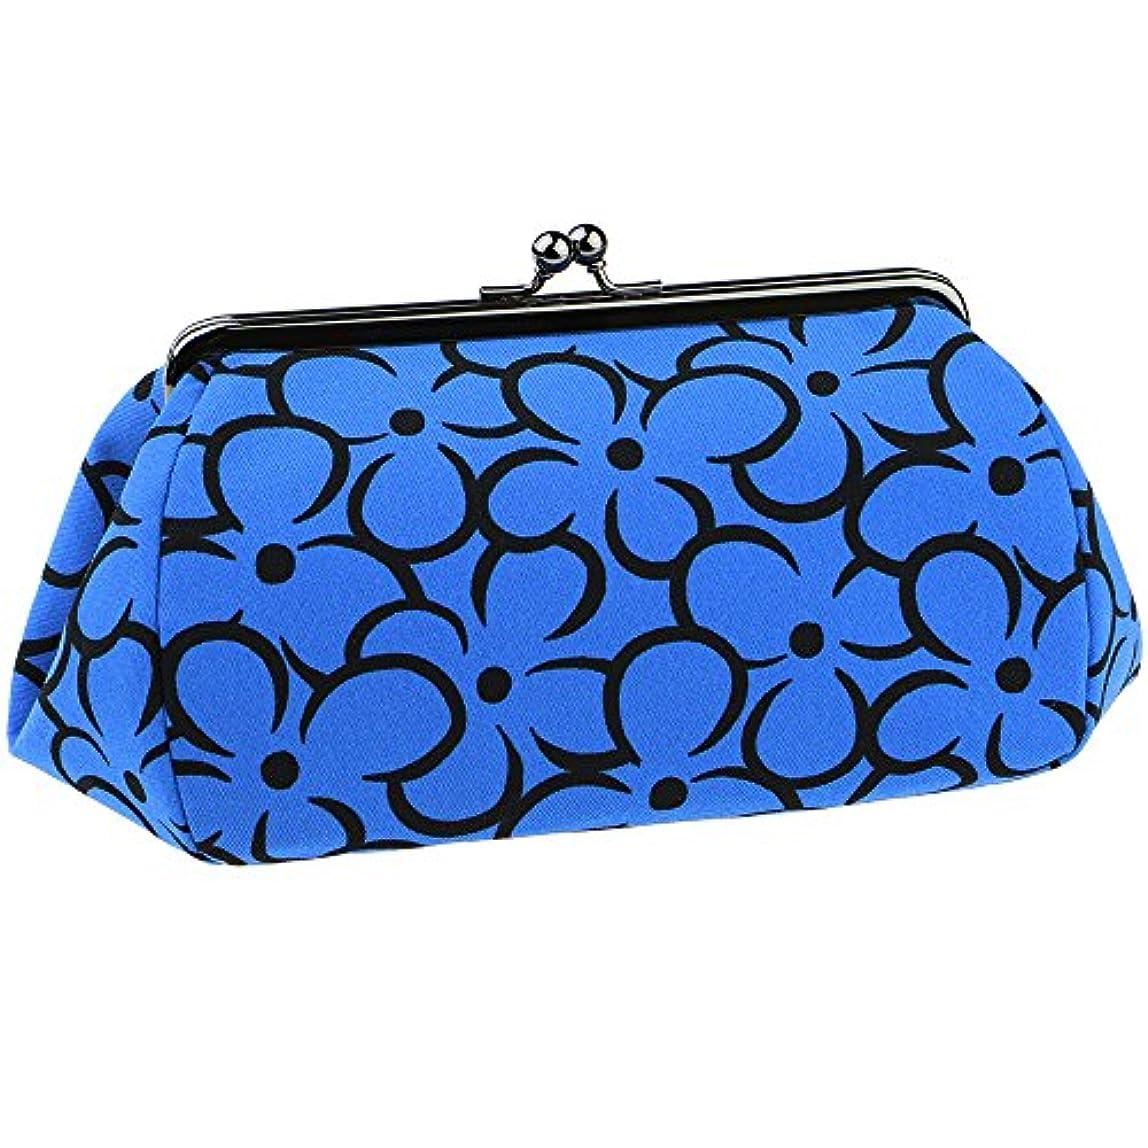 ベンチャー独立して常習的watona 花がま口 化粧ポーチ(スリム)50-55sh (5.5寸 スリムサイズ, ブルー)